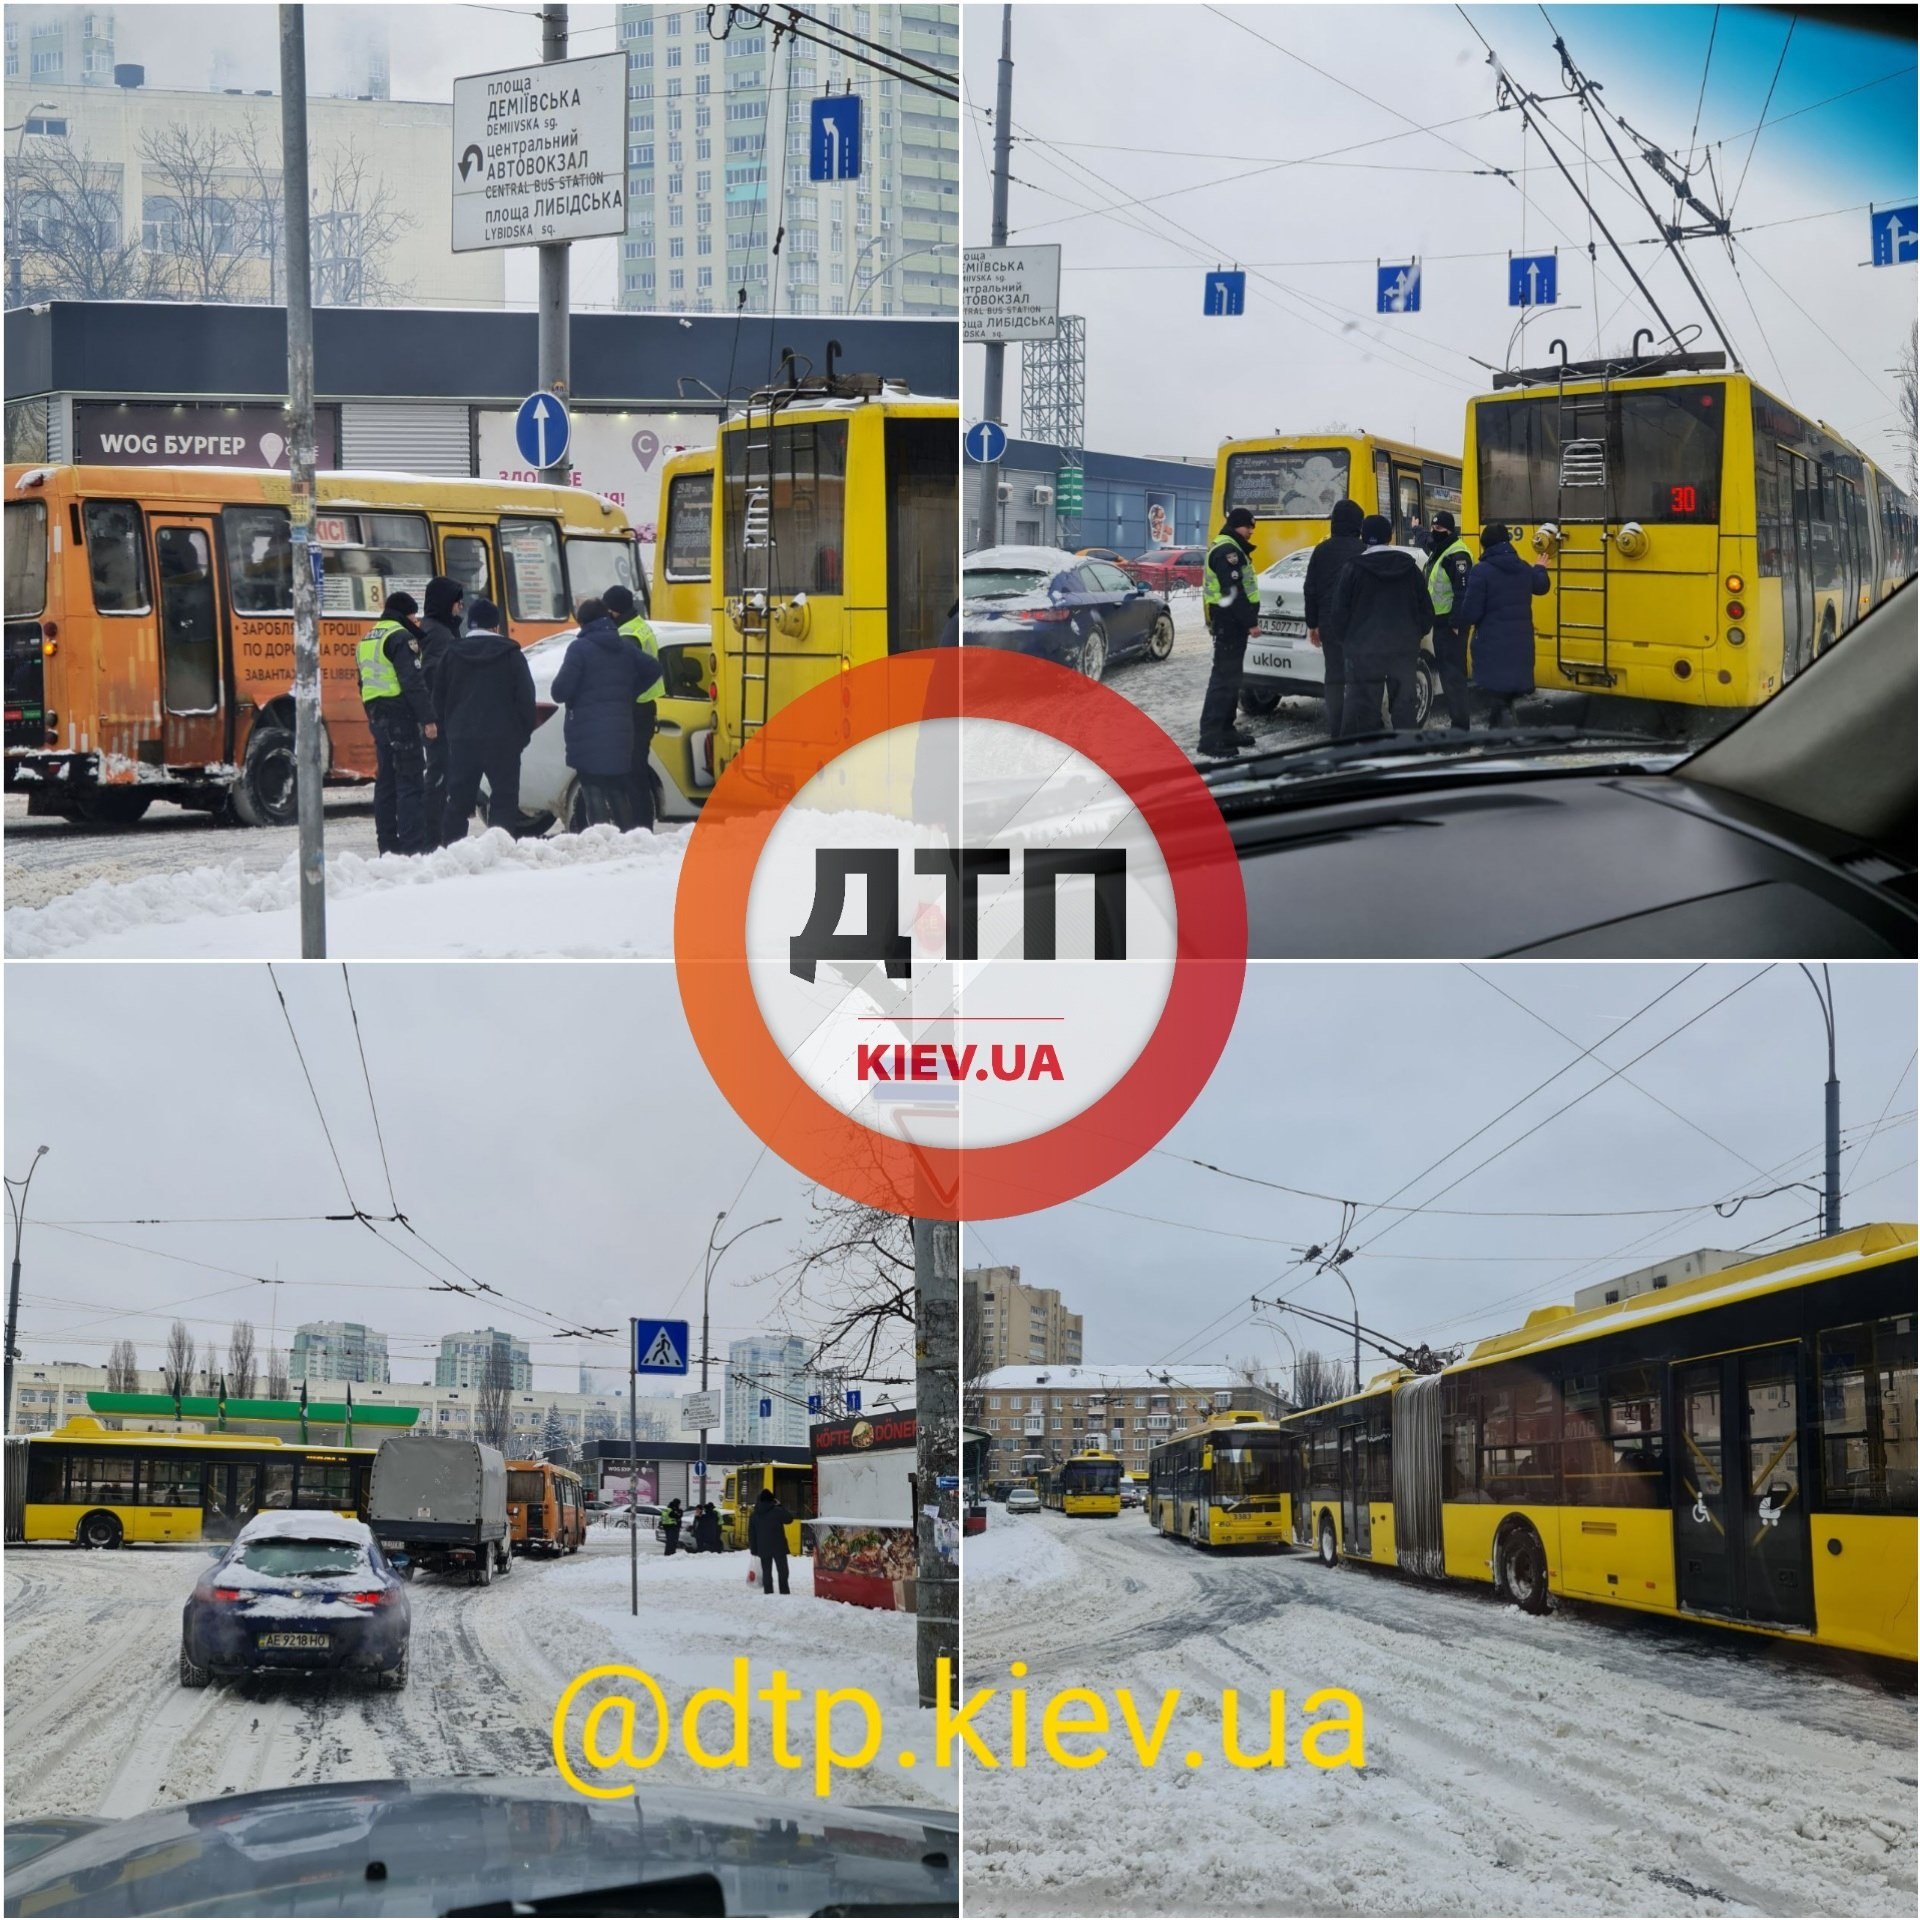 У Києві зіштовхнулися тролейбус, маршрутка і таксі - сніг, Аварія - 148670132 1908373492661868 2007078655404901552 o